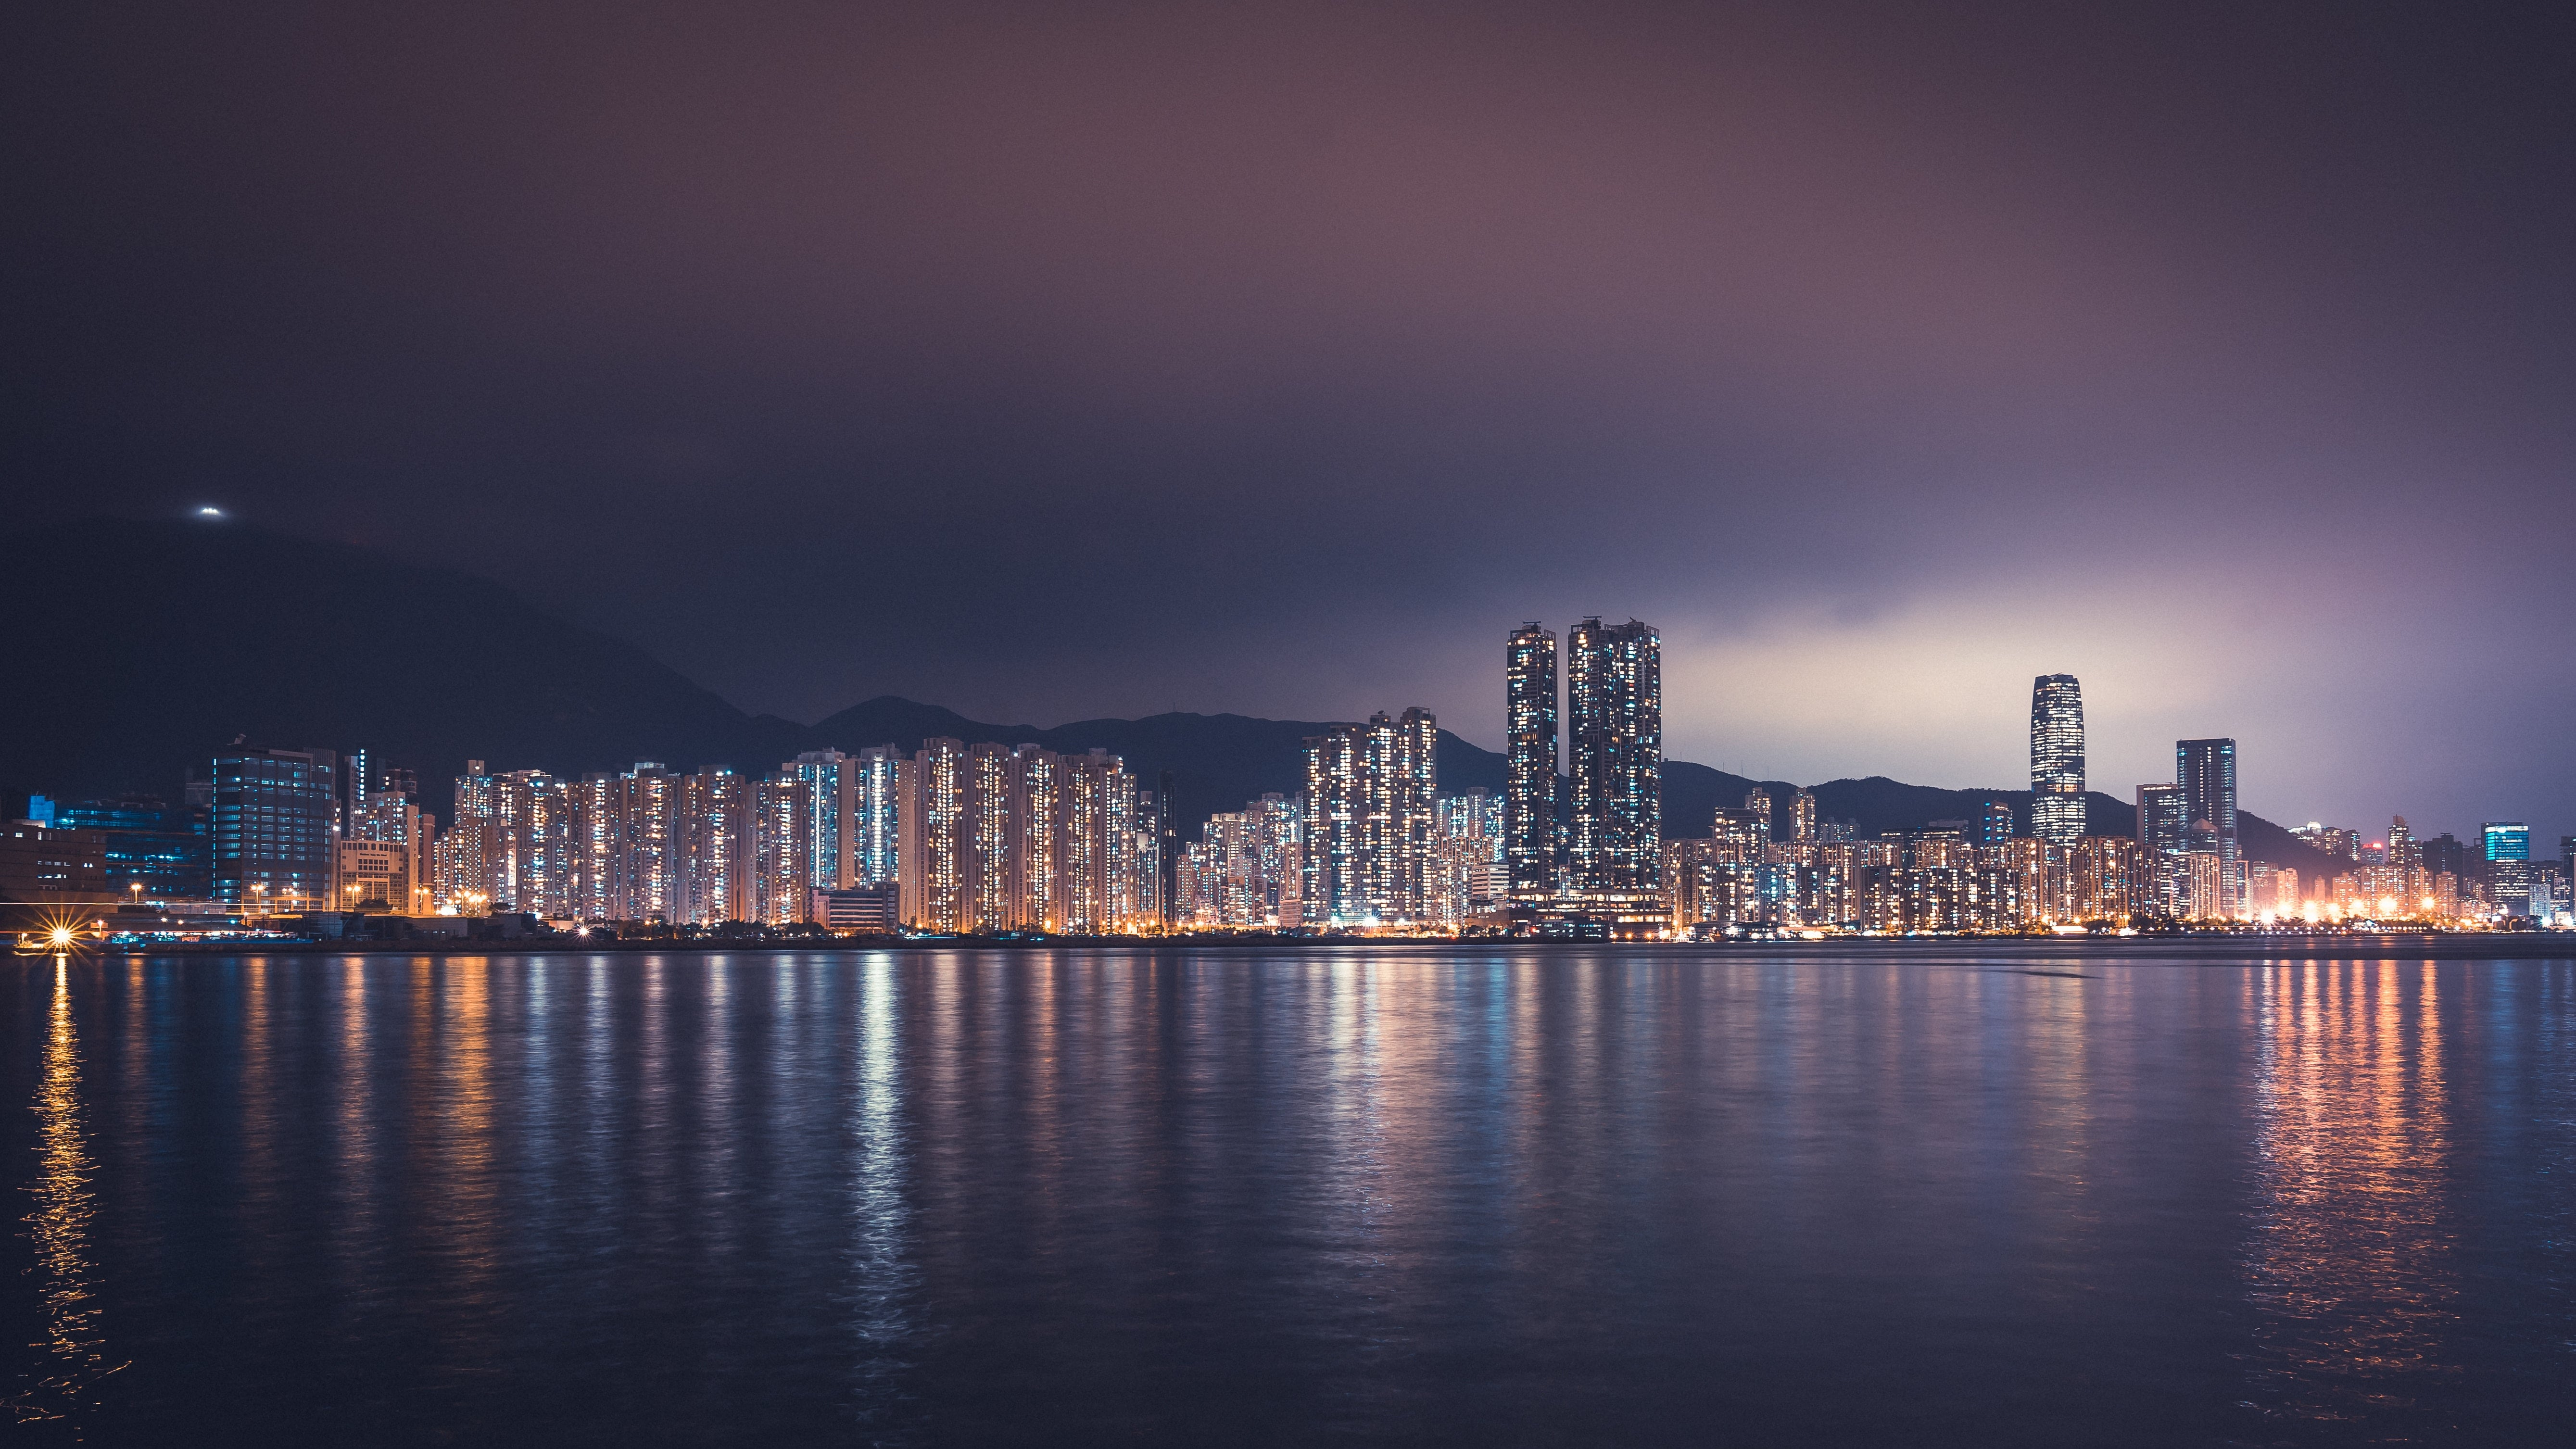 krajobraz z miastem w tle